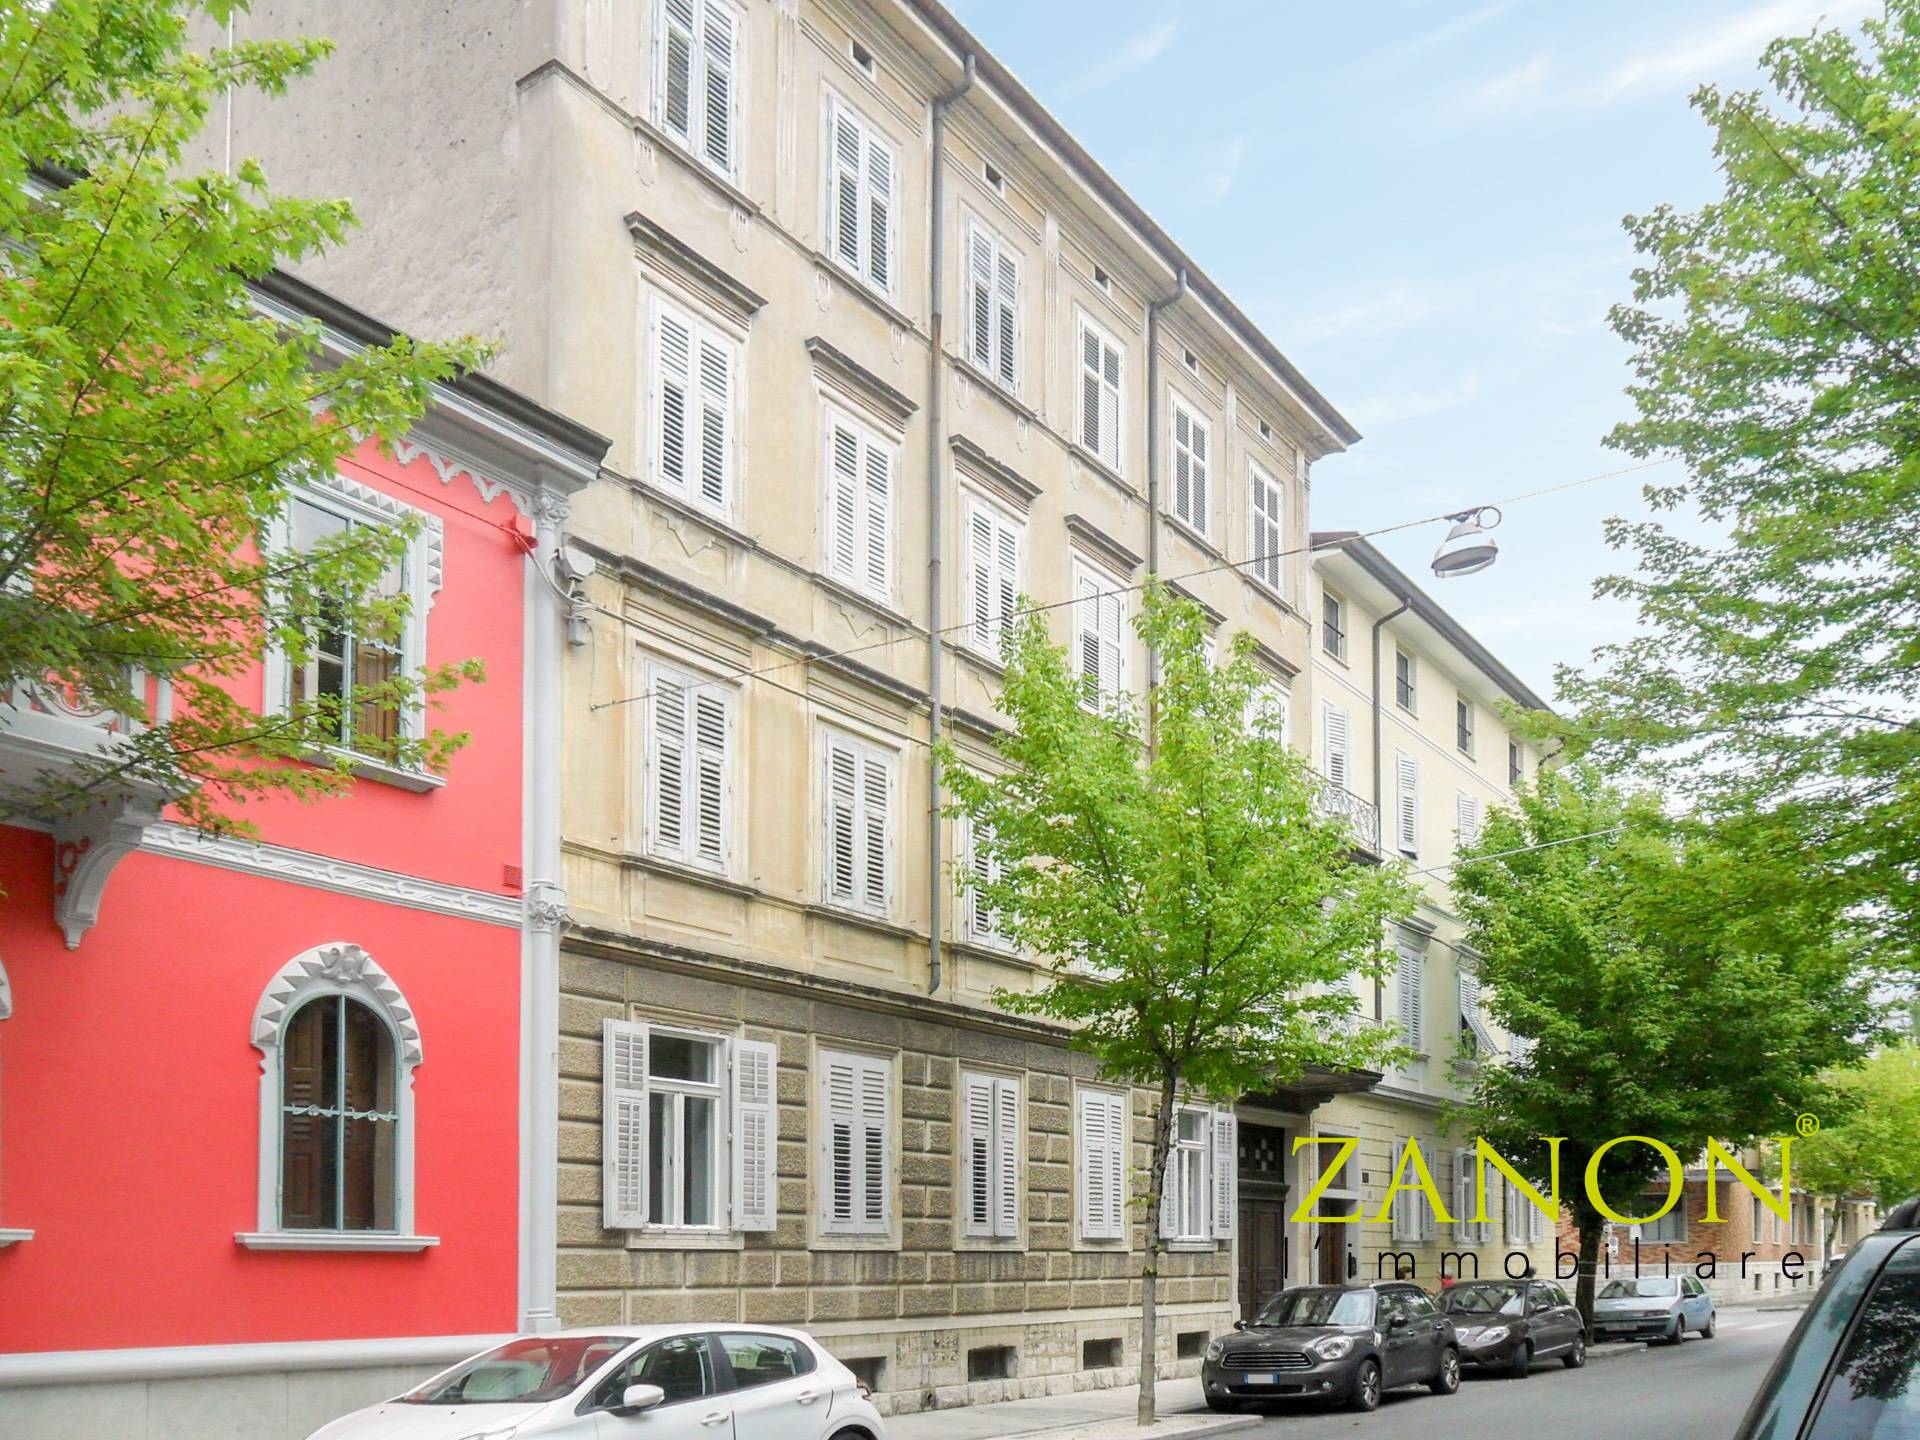 Appartamento in vendita a Gorizia, 3 locali, zona Località: CentraleCorsi, prezzo € 65.000   PortaleAgenzieImmobiliari.it